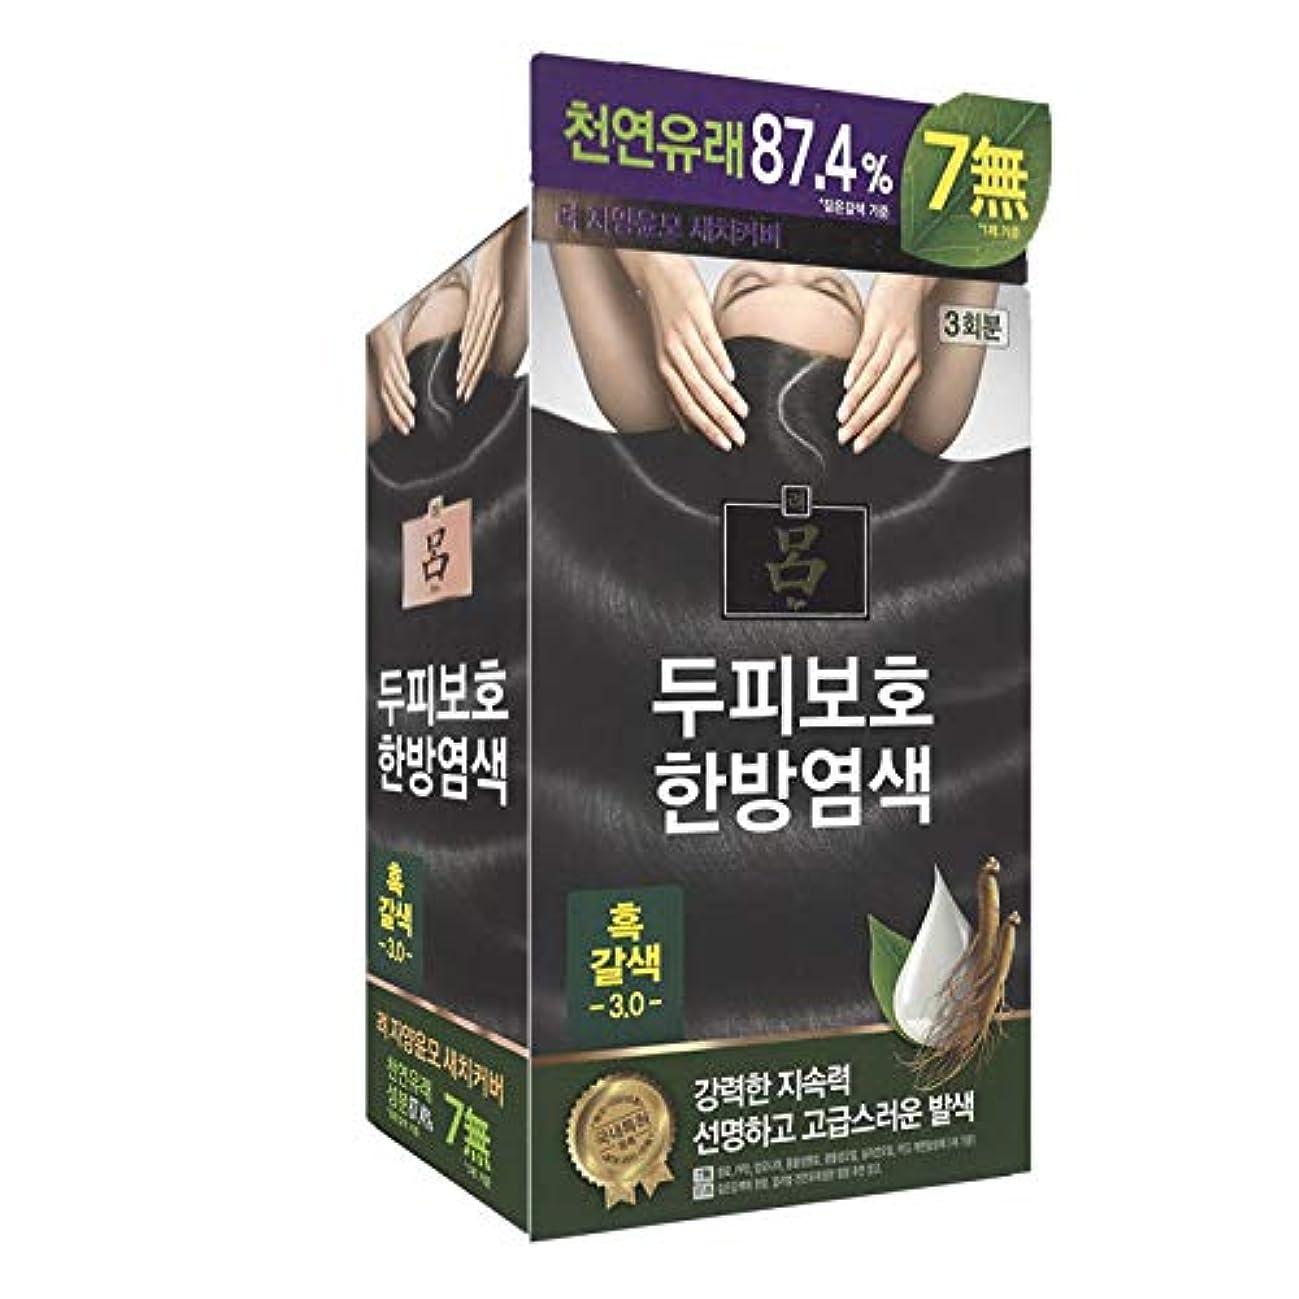 郵便局うま木製アモーレパシフィック呂[AMOREPACIFIC/Ryo] Jayang Yunmoグレーヘアカバー 3.0 黒褐色(Blackish Brown)